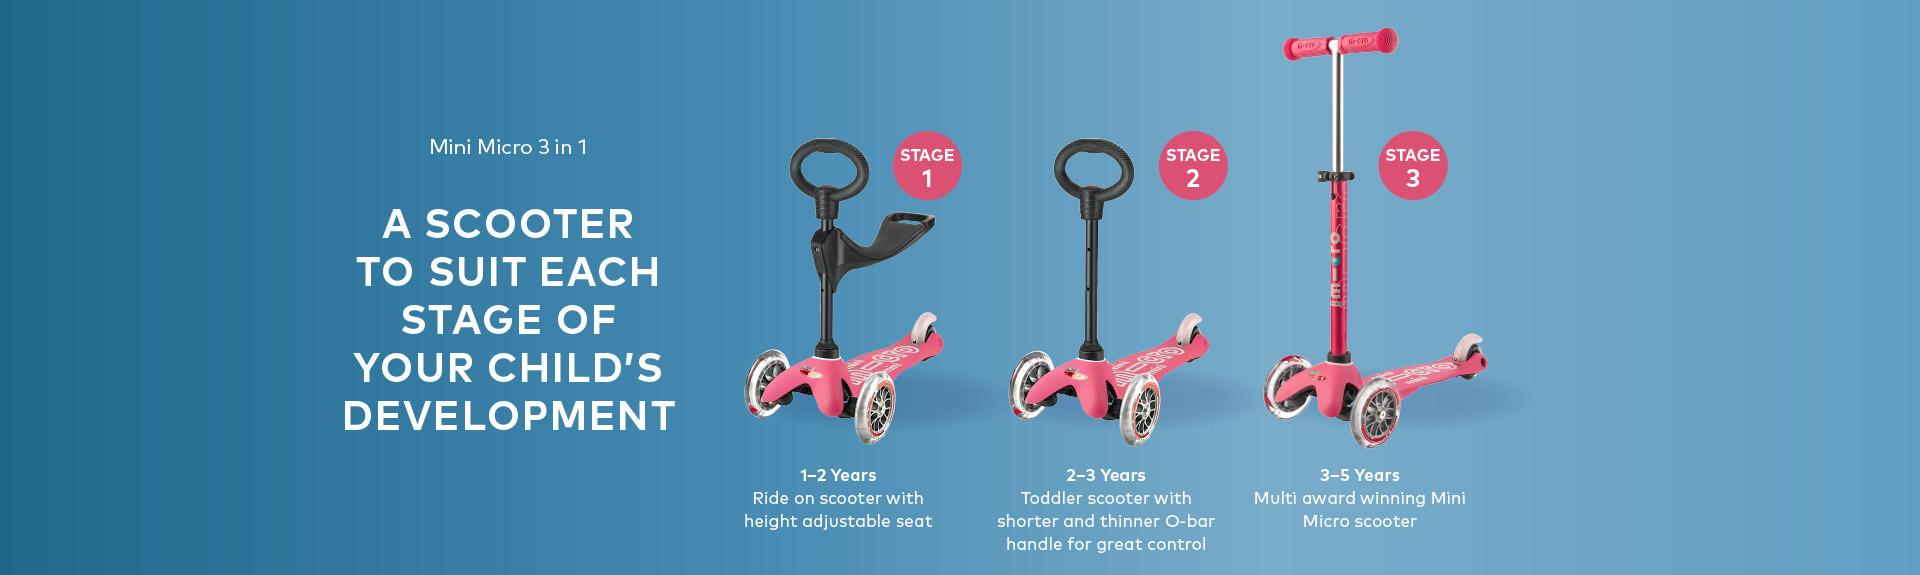 Baby Scooters, quand votre enfant est-il prêt pour son premier scooter?